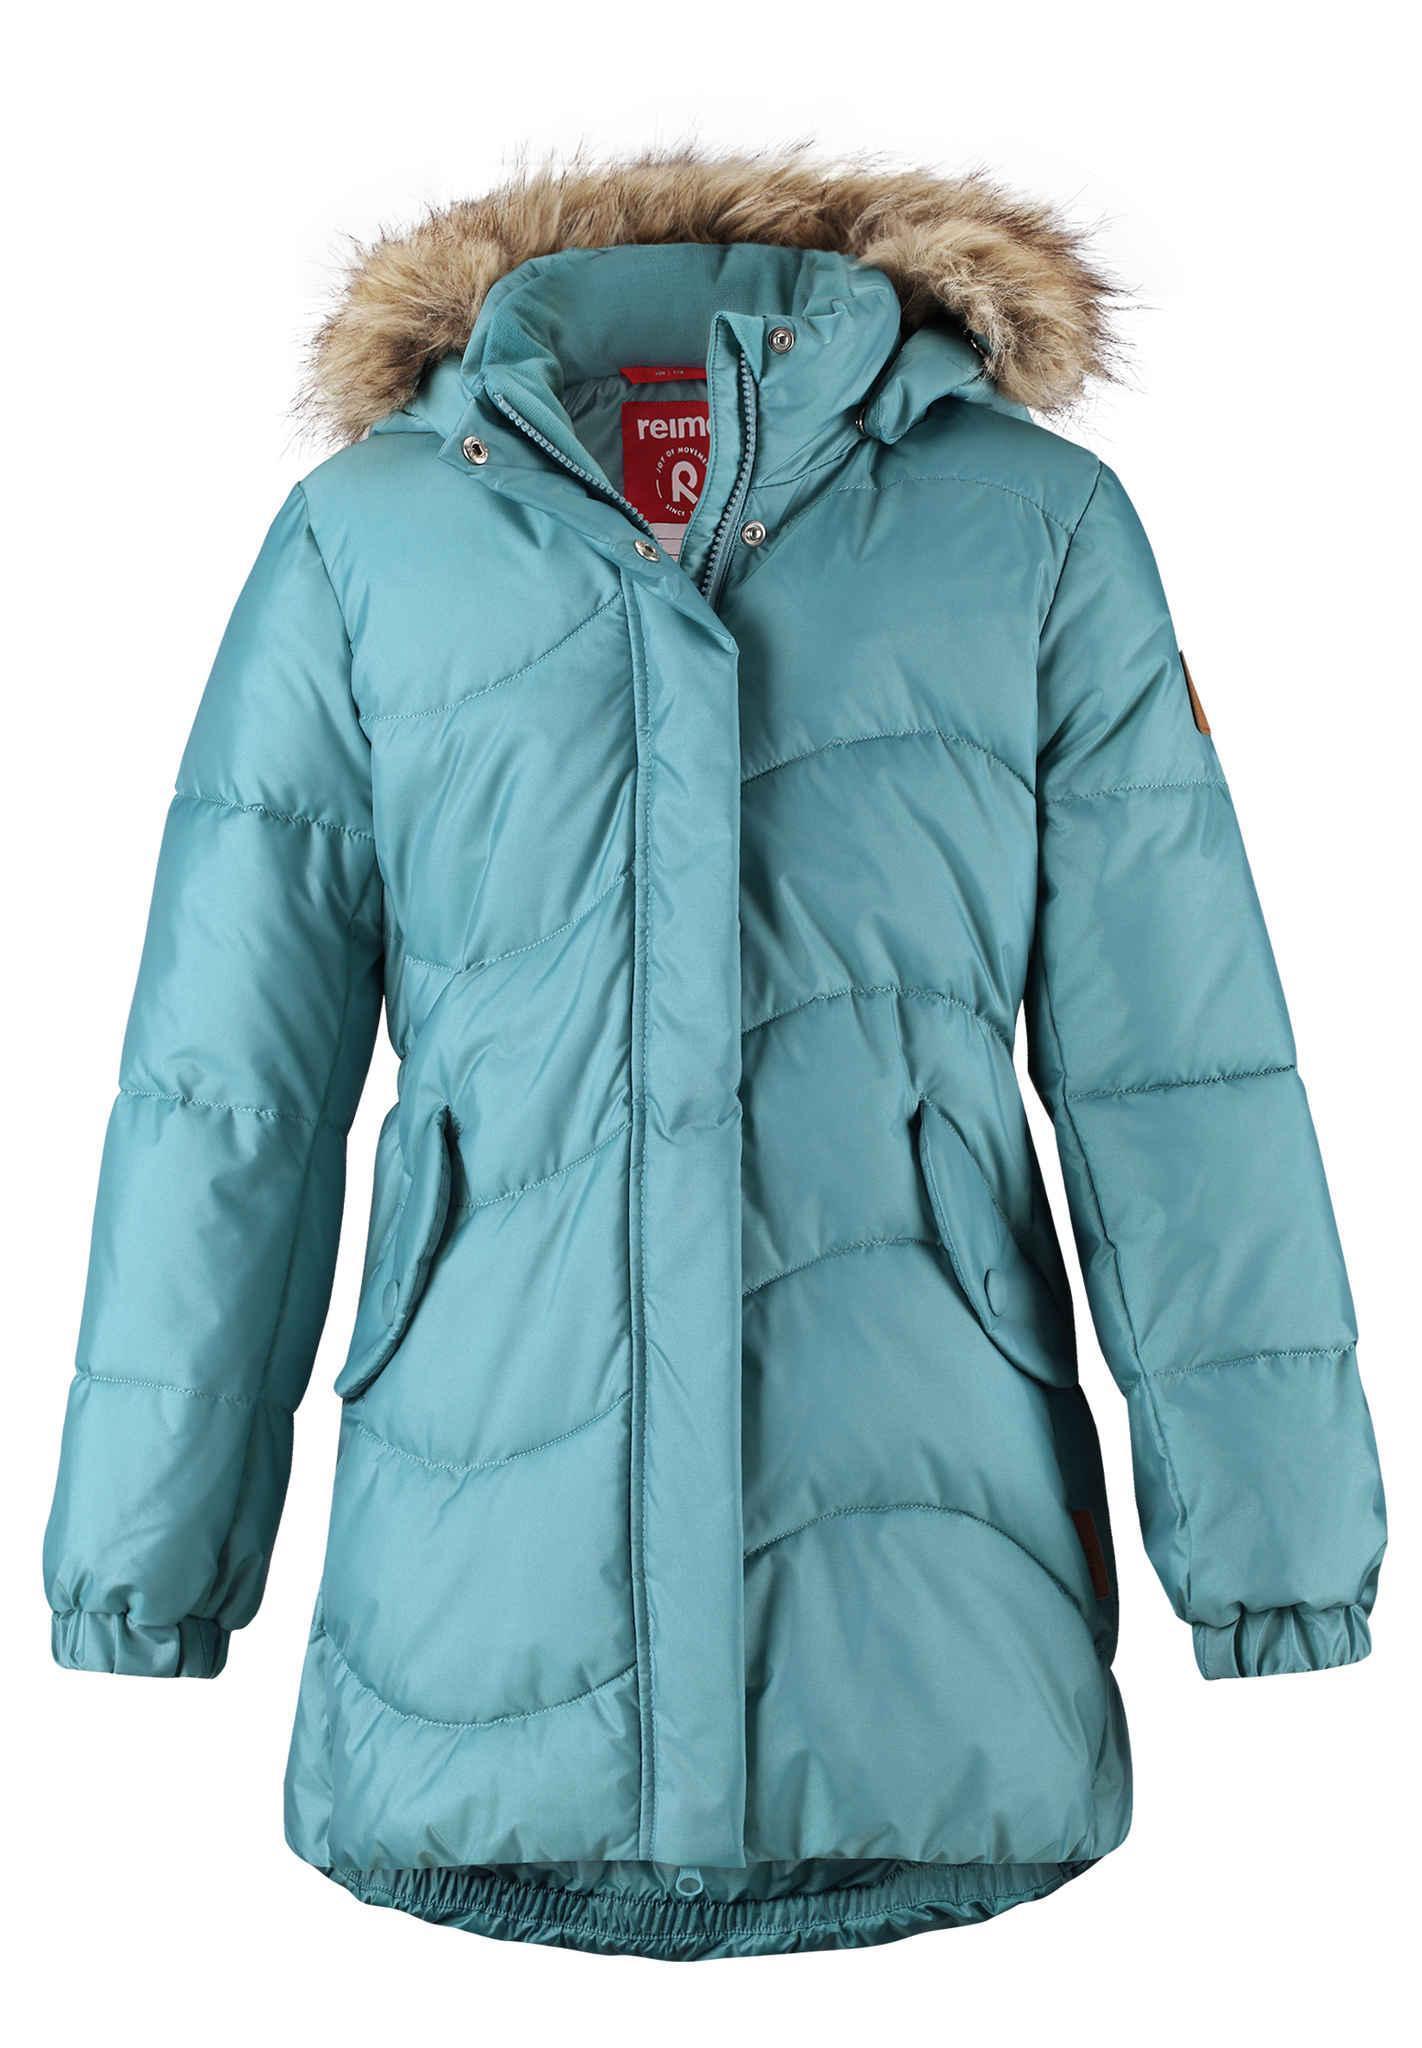 reima Sula Winterjacke Mädchen Turquoise im Online Shop von SportScheck kaufen